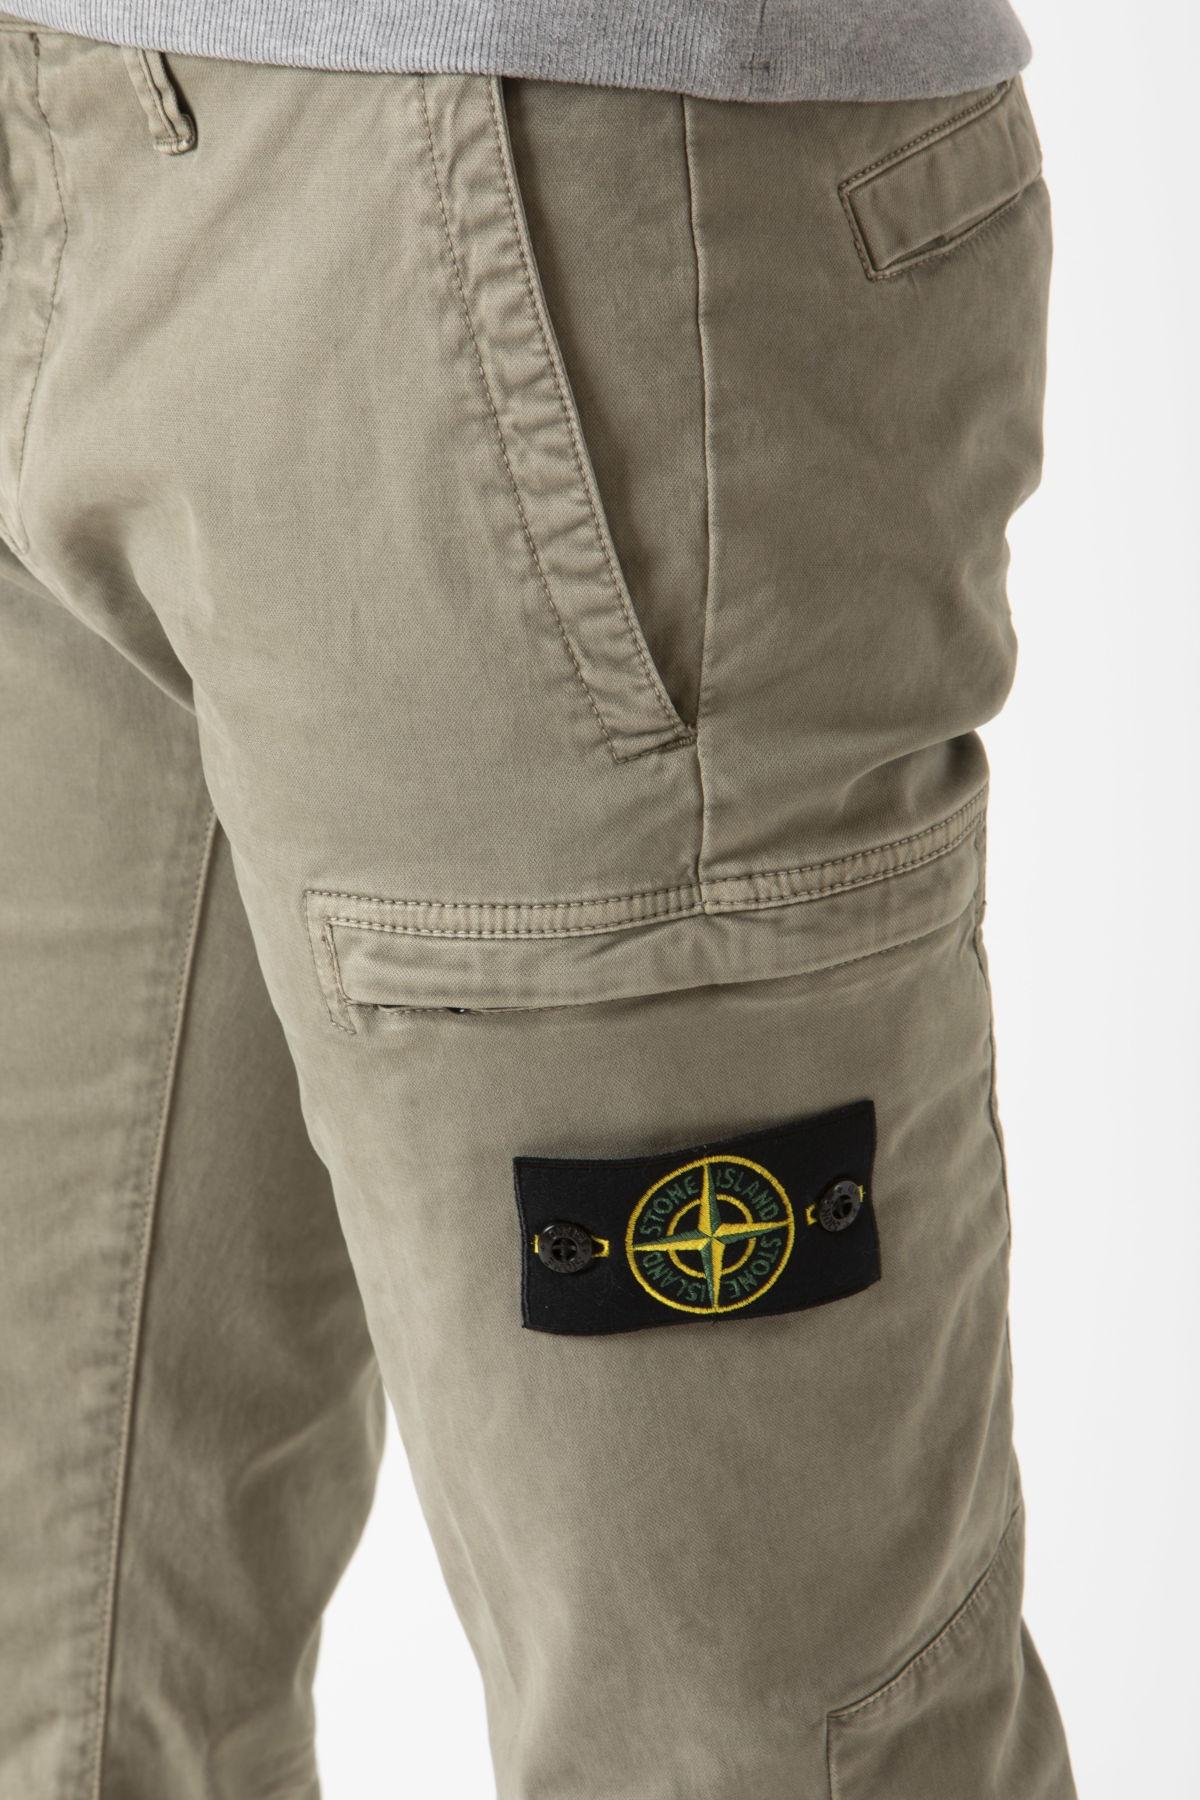 Pantaloni per uomo STONE ISLAND A/I 19-20